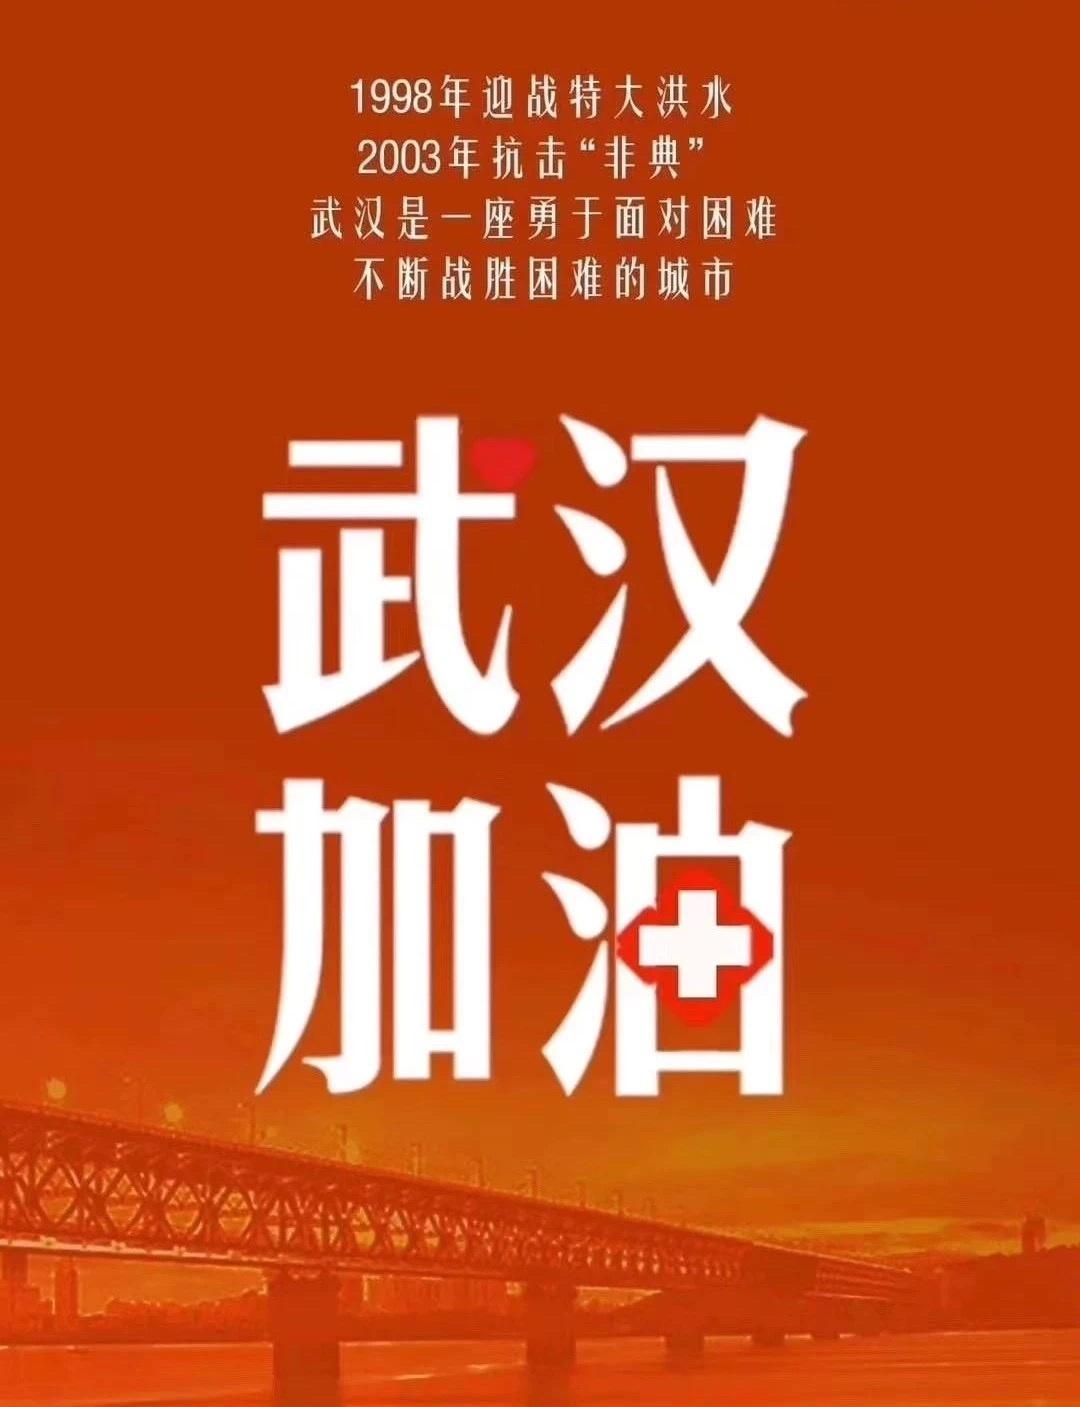 华谊兄弟公益基金向武汉市捐赠100万元人民币